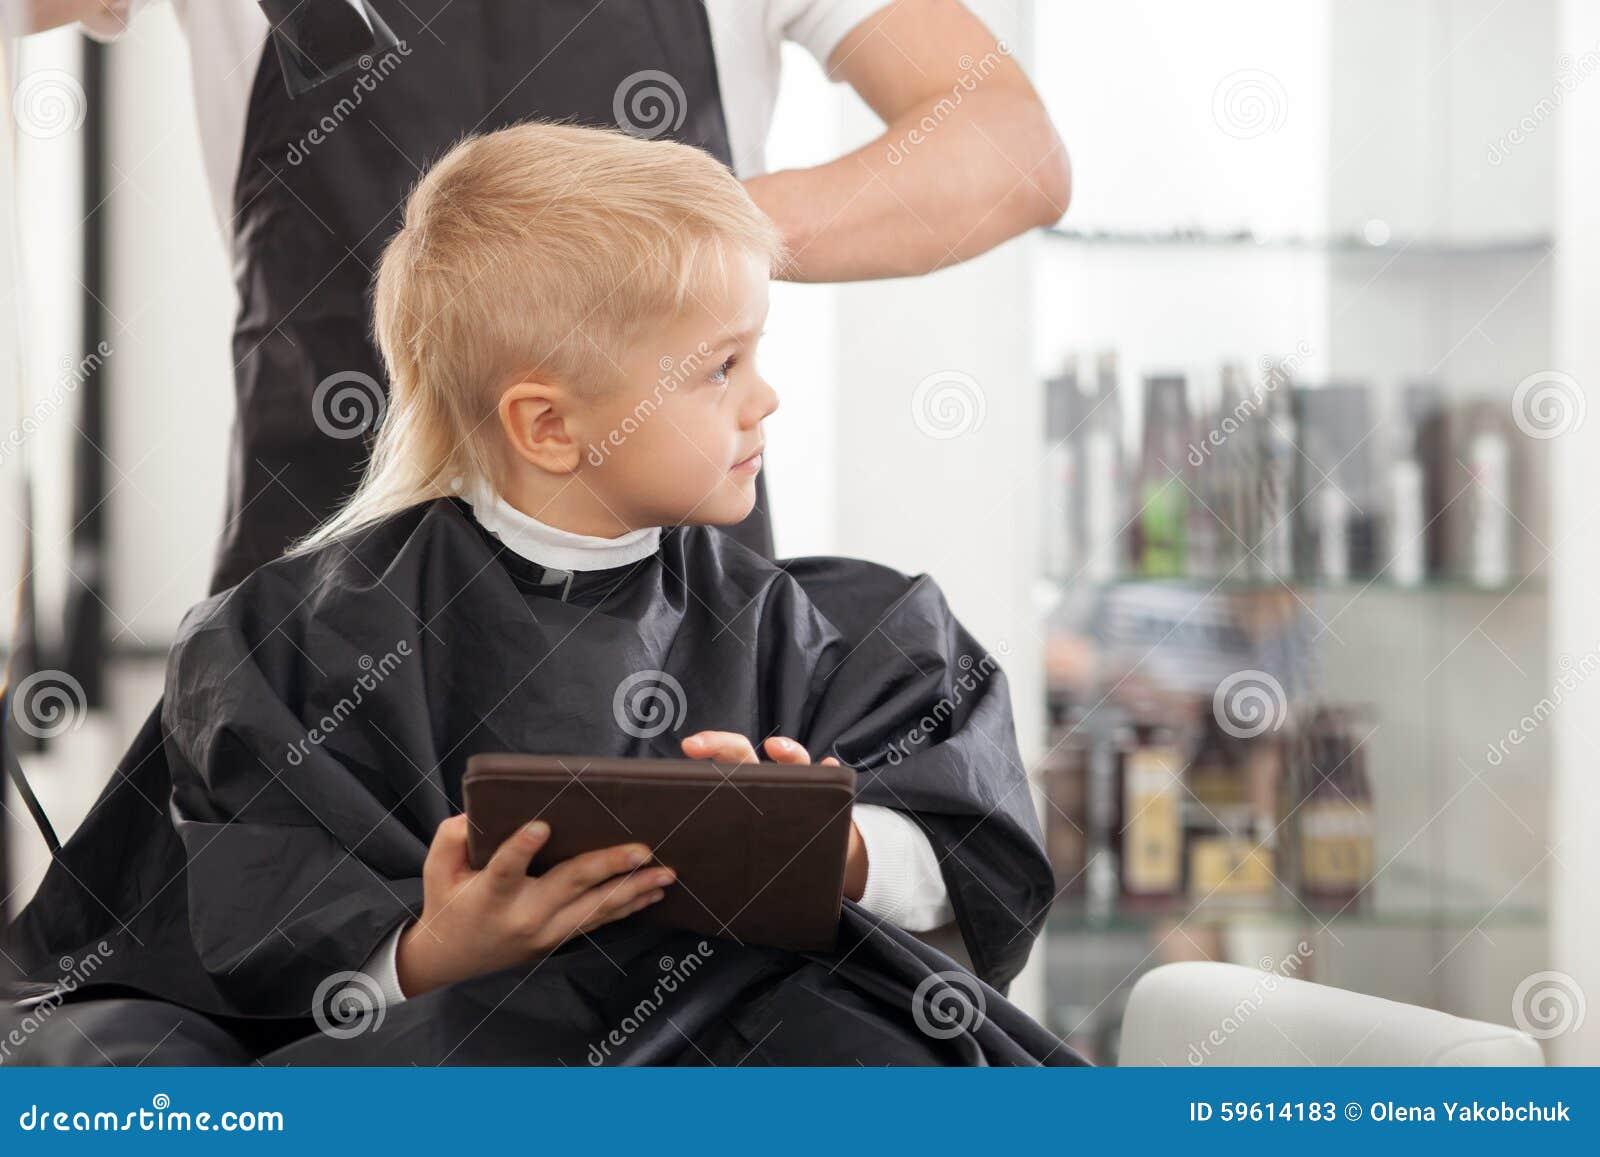 Professioneller Junger Friseur Macht Frisur Für Stockbild Bild Von